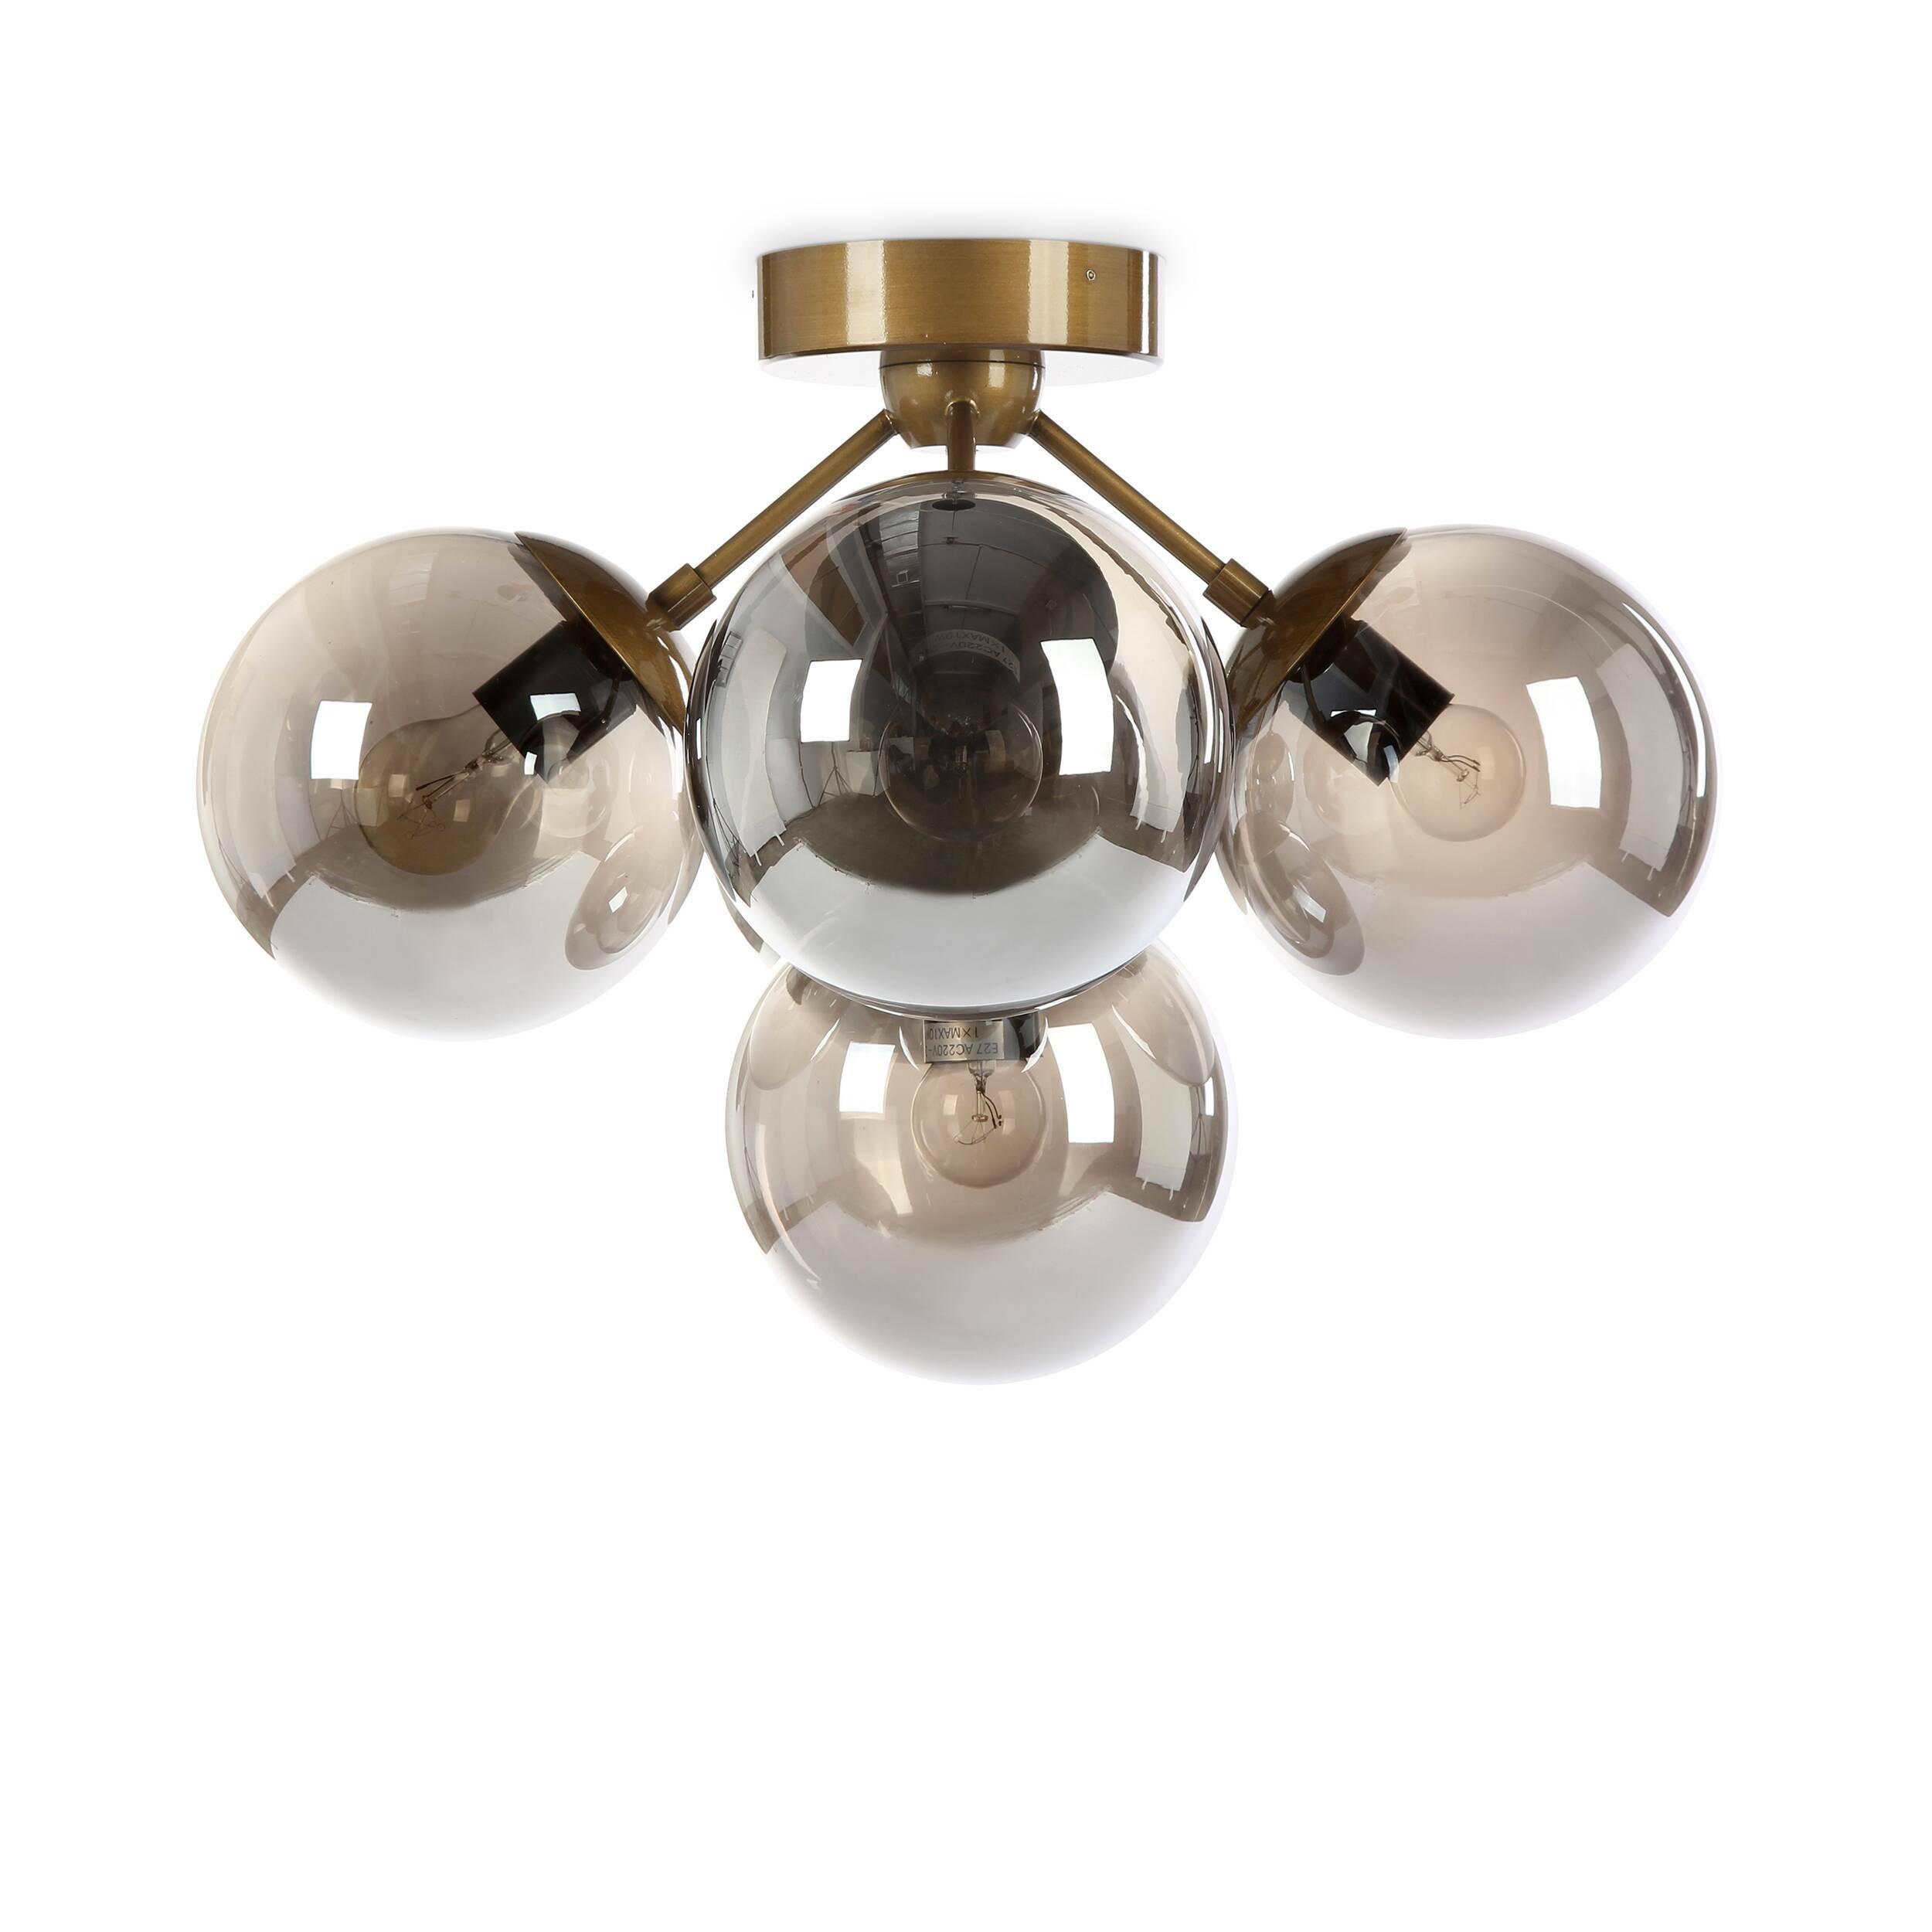 Потолочный светильник FirefliesПотолочные<br>Потолочный светильник Fireflies — сказочное творение ведущих западных дизайнеров, созданное специально для того, чтобы украшать помещение и задавать в нем особую тонкую атмосферу. Светильник состоит из нескольких шарообразных плафонов. Плафоны напоминают собой легких светлячков, которые собрались вместе, чтобы осветить пространство вашей комнаты.<br><br><br><br><br> Плафоны светильника изготовлены из прочного, полупрозрачного стекла необычного коньячного цвета. Основание и крепления светильника вып...<br><br>stock: 1<br>Высота: 36<br>Диаметр: 49<br>Количество ламп: 5<br>Материал абажура: Стекло<br>Материал арматуры: Сталь<br>Мощность лампы: 10<br>Ламп в комплекте: Нет<br>Напряжение: 220<br>Тип лампы/цоколь: E27<br>Цвет абажура: Дымчато-серый<br>Цвет арматуры: Латунь